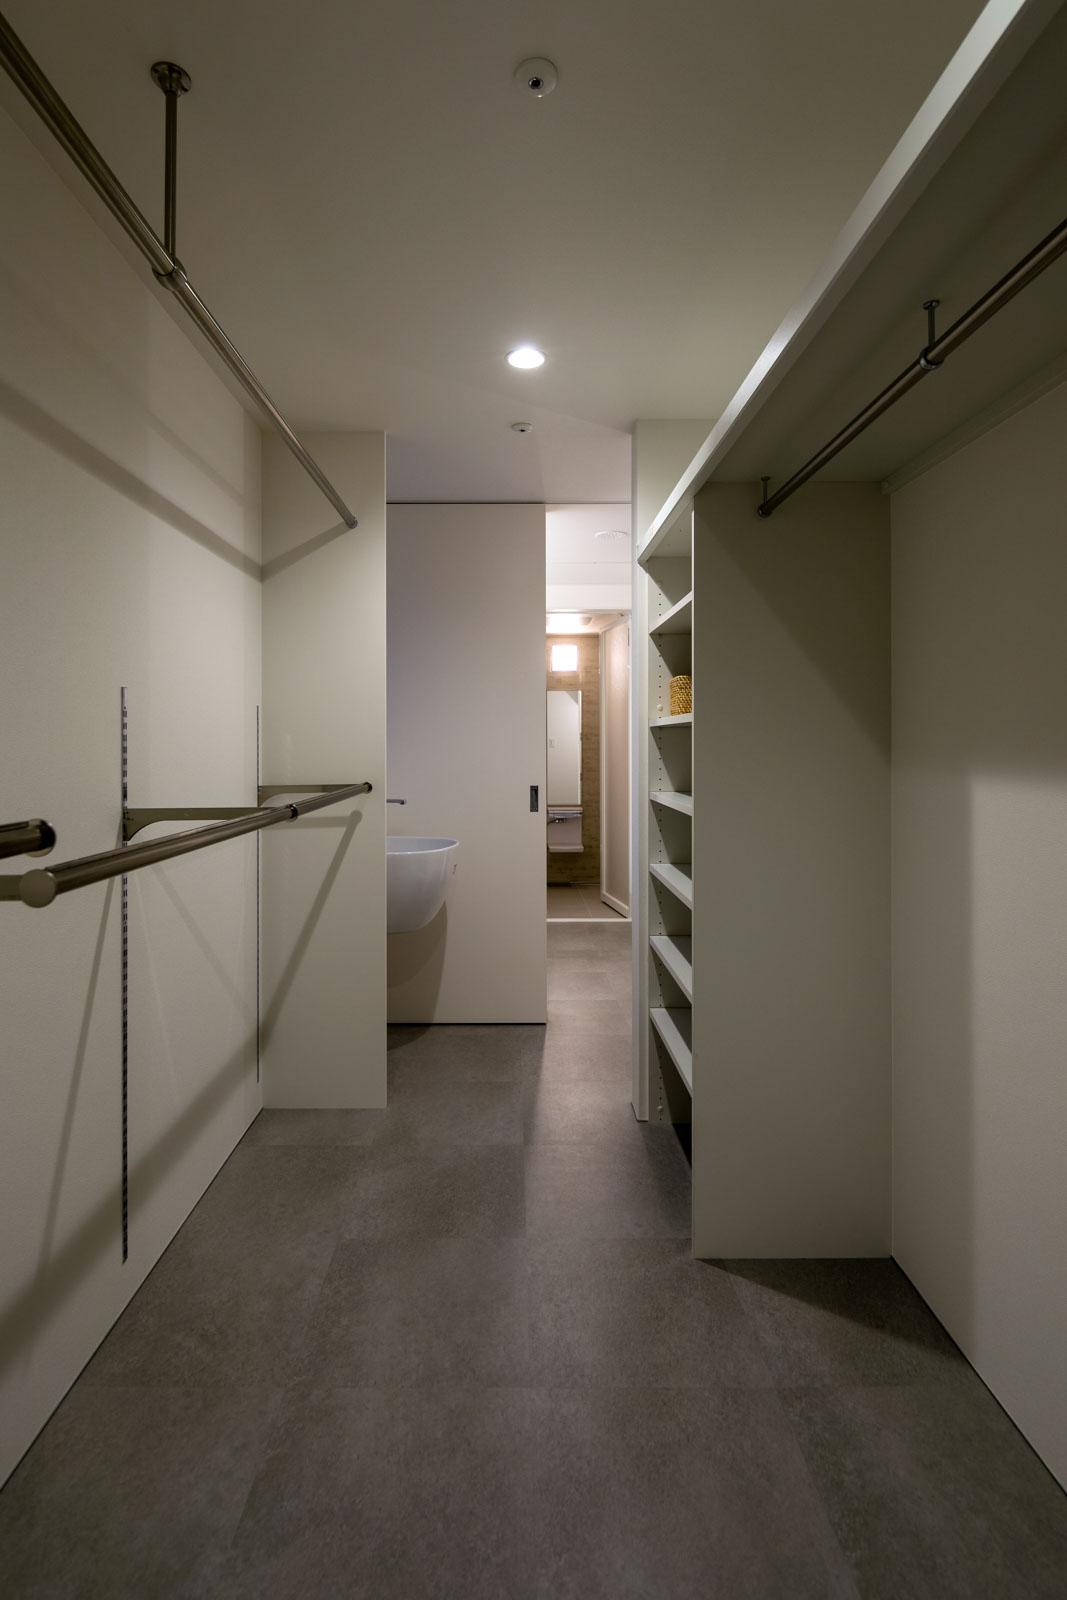 階段に隣接して、ゆとりある広さのユーティリティ、洗面脱衣室、浴室を最短の動線でつないだ水まわり空間が設けられている